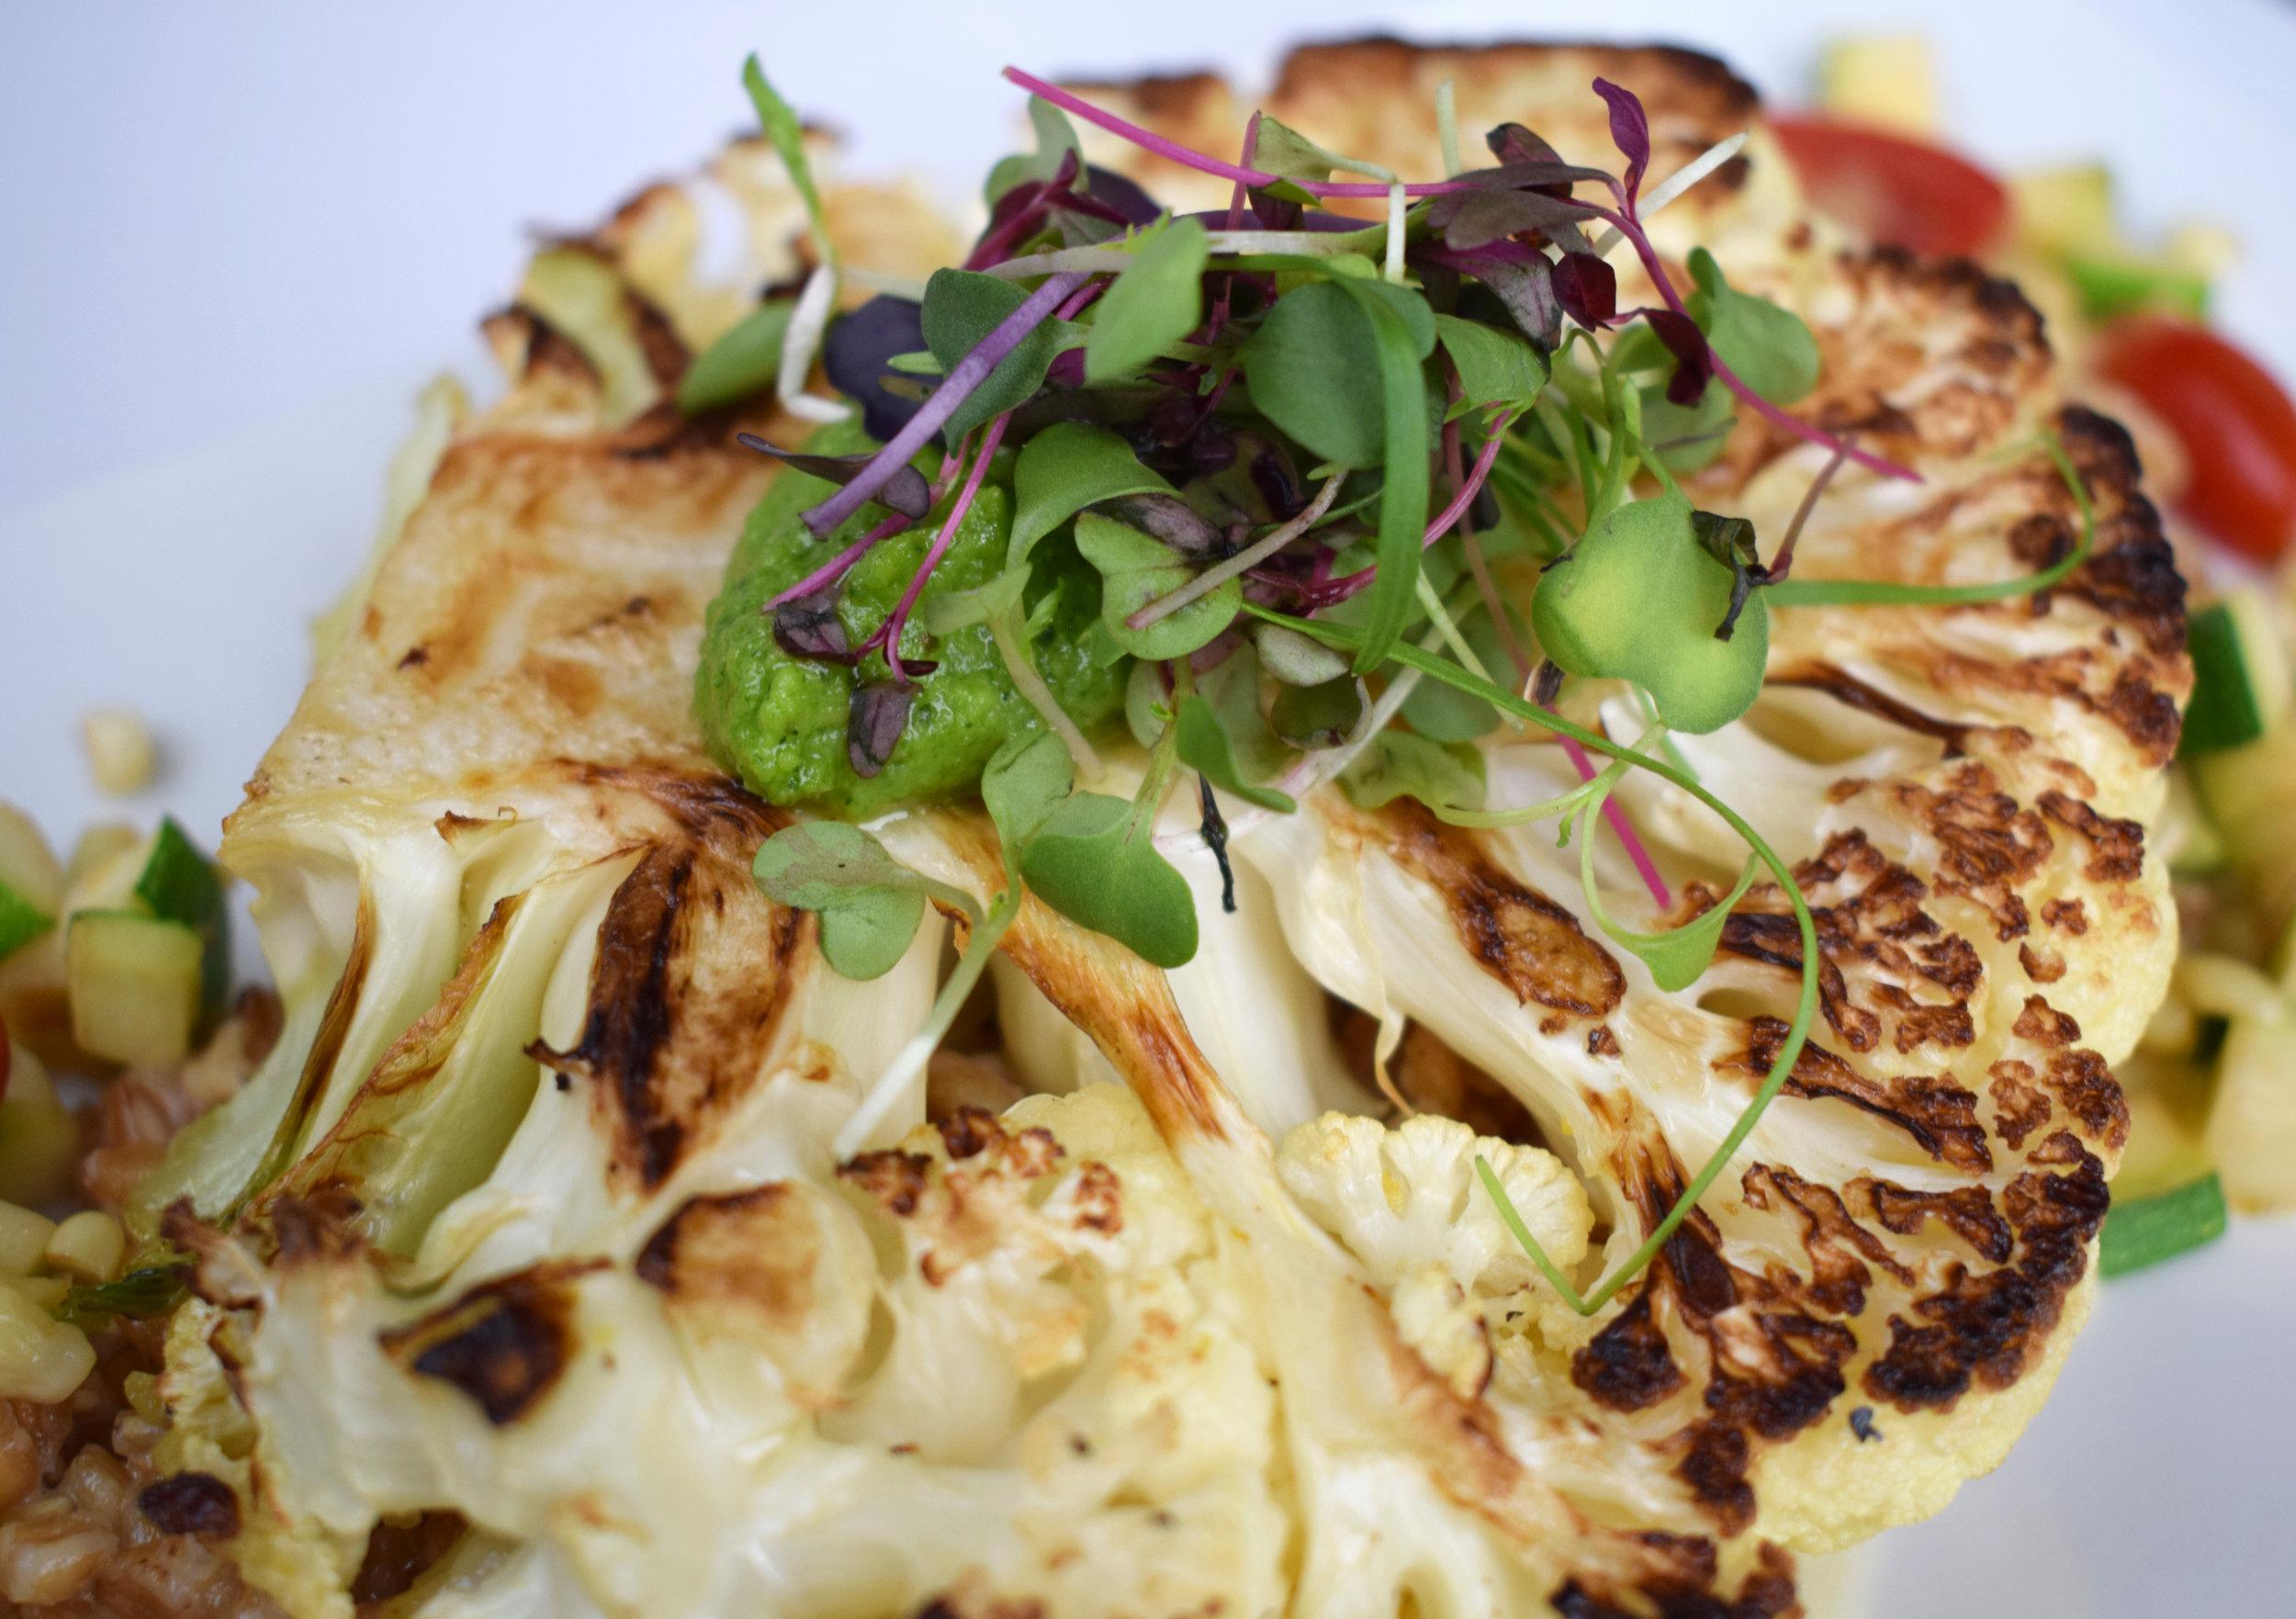 Herb-Grilled Cauliflower